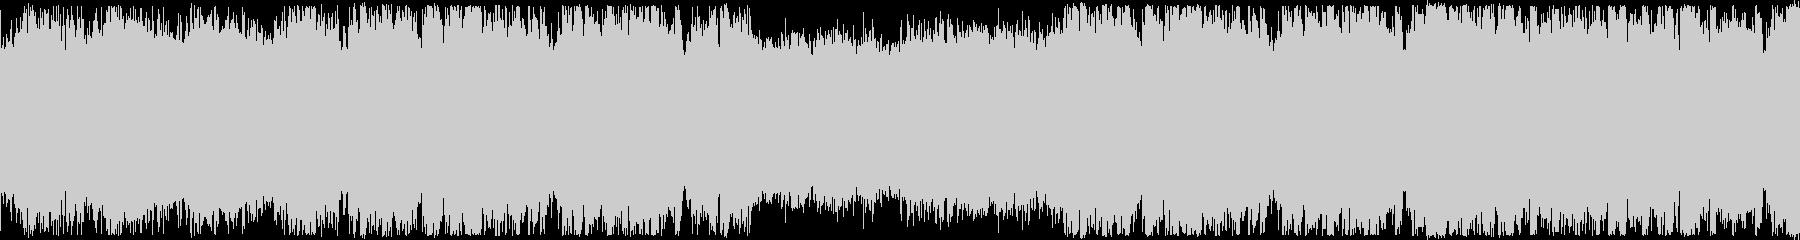 ループ・おしゃれなフューチャーベースの未再生の波形